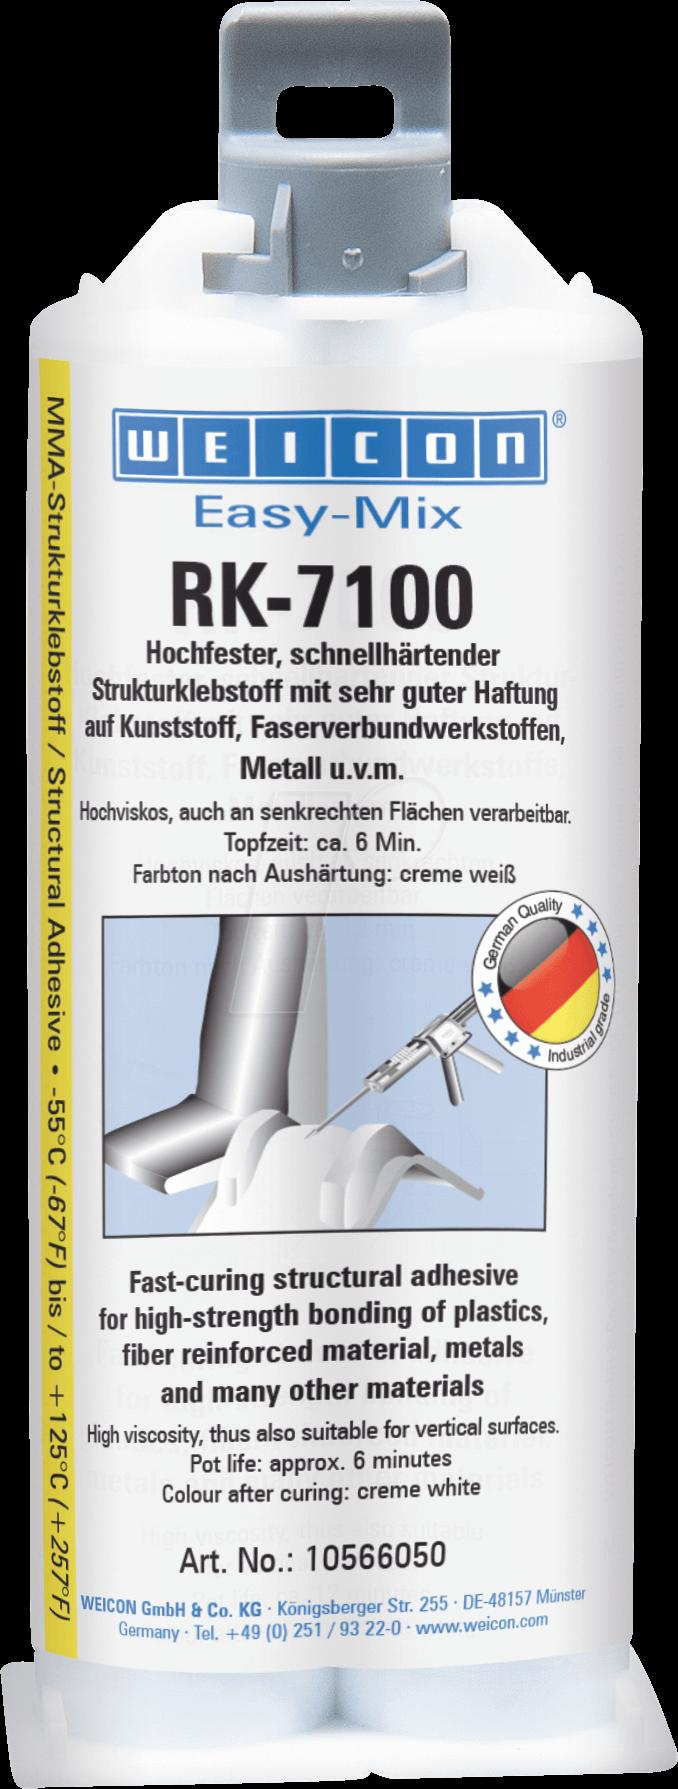 https://cdn-reichelt.de/bilder/web/xxl_ws/D800/WEICON_10566050_01.png